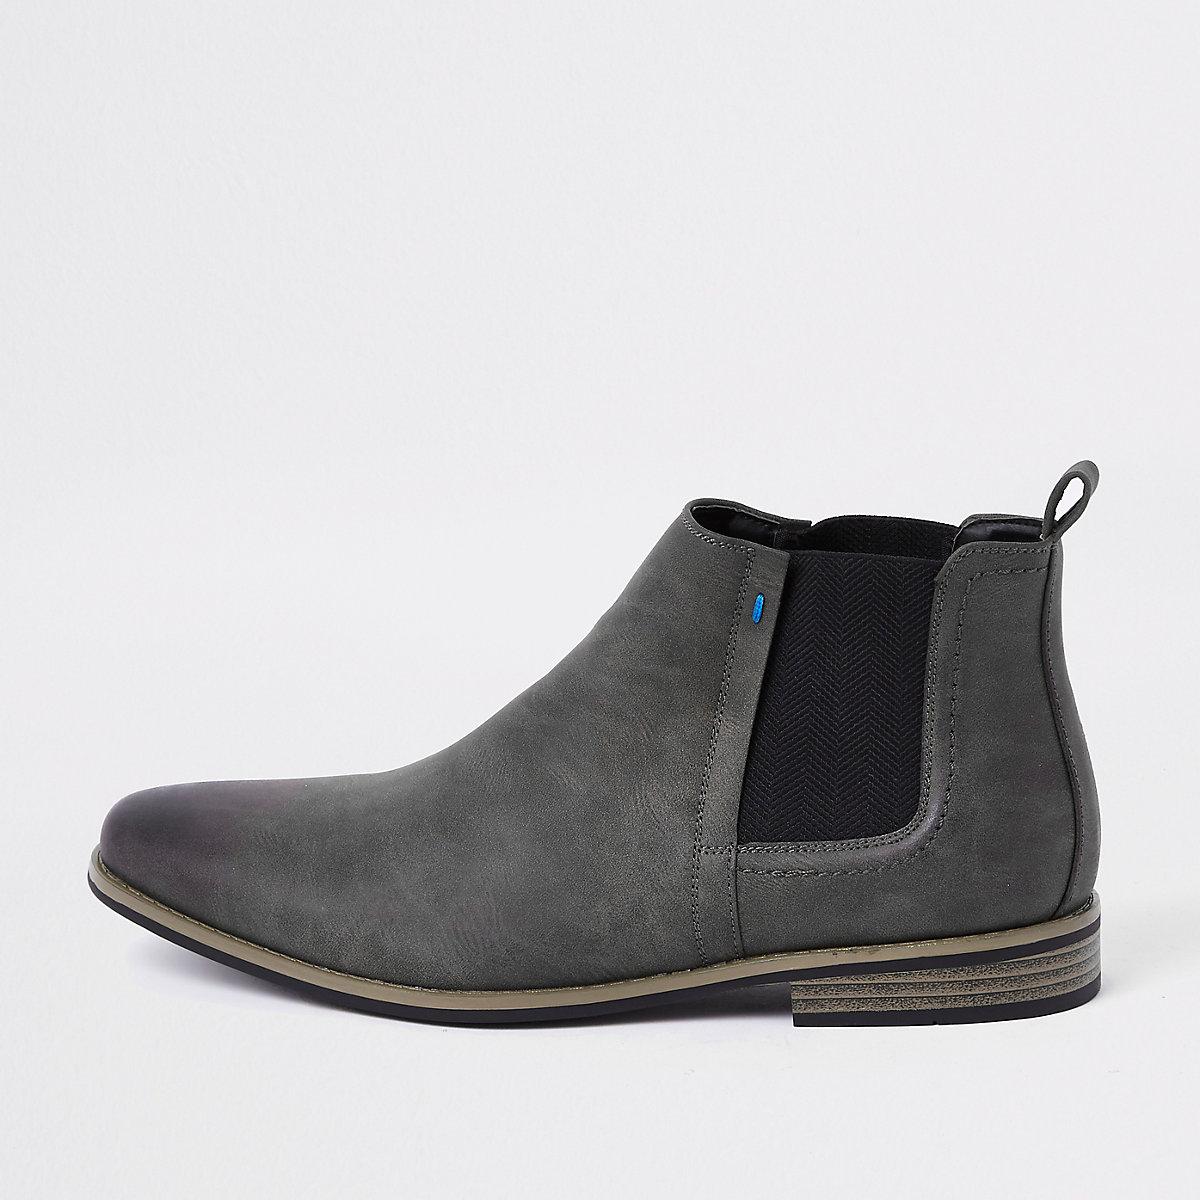 Dark grey chelsea boots